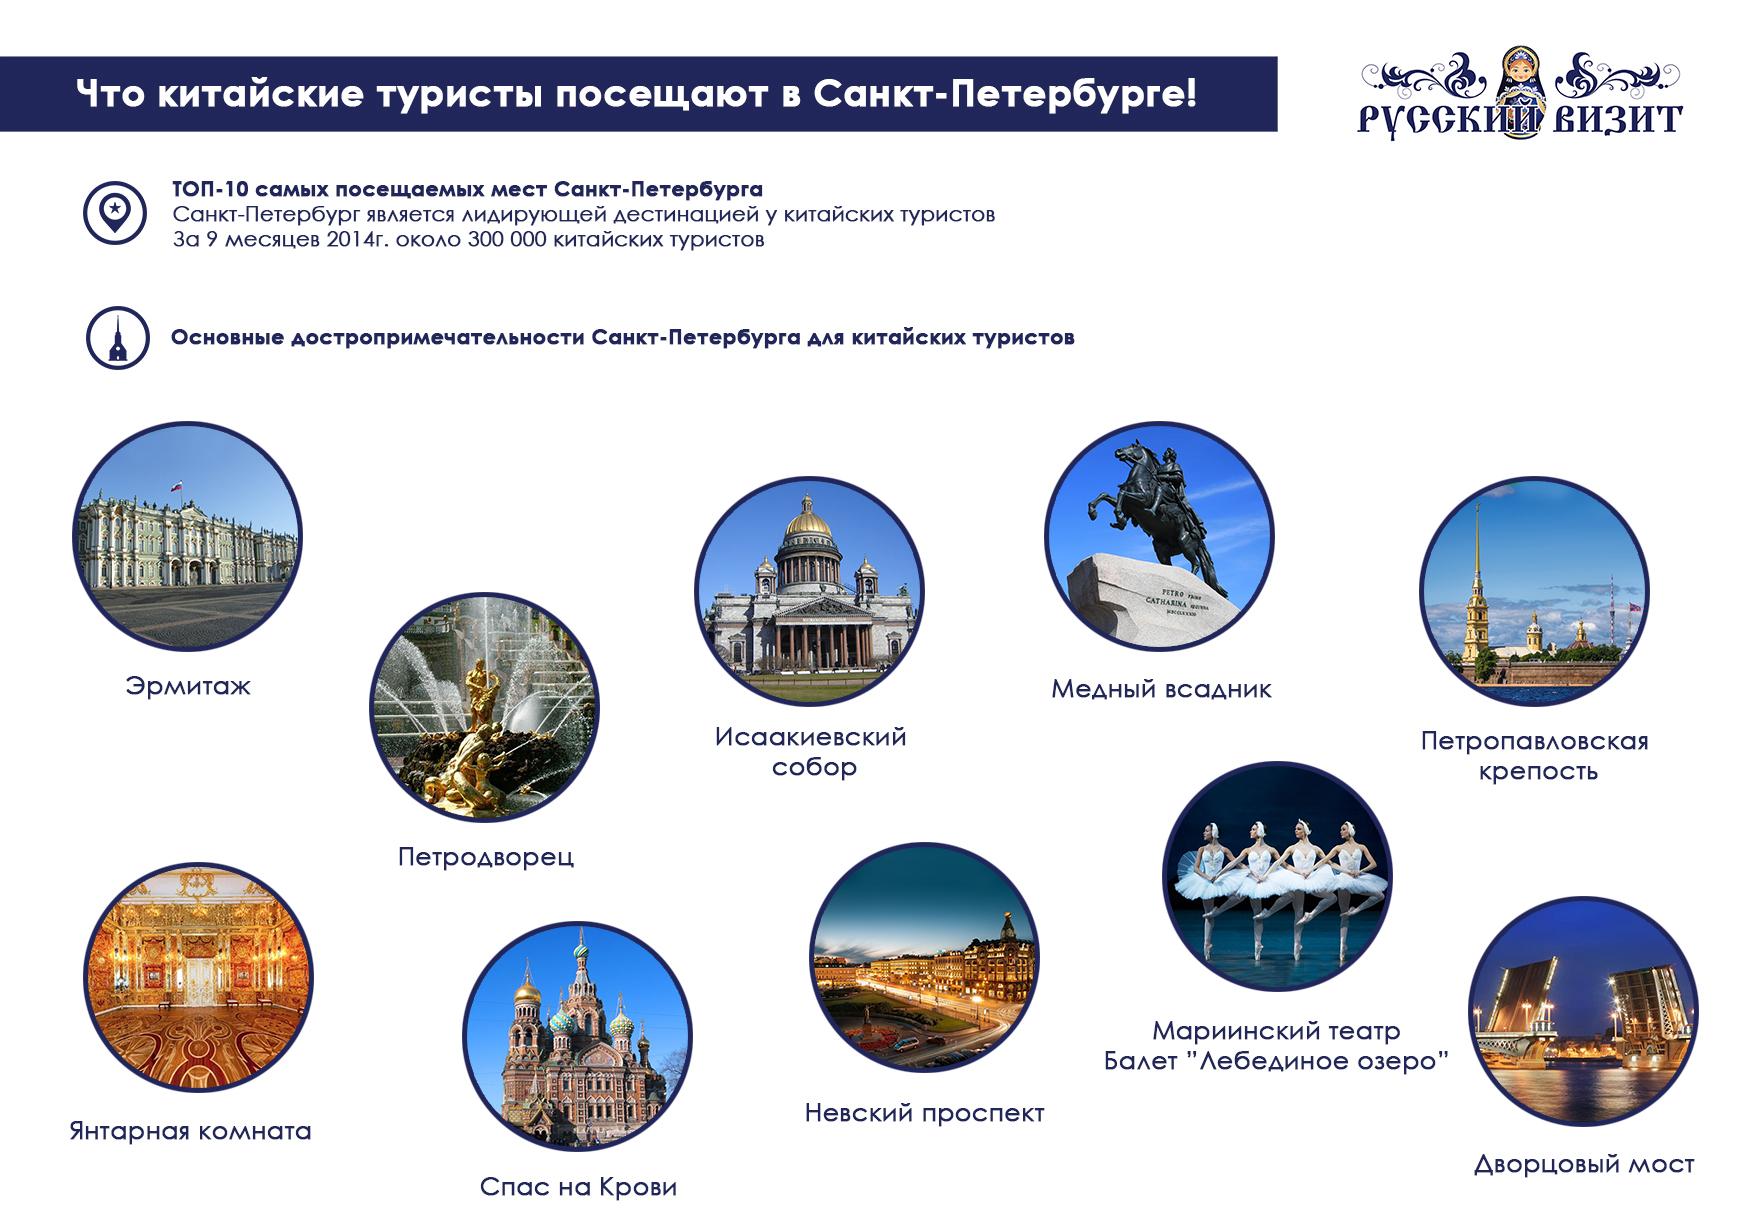 Любимые места китайских туристов в Санкт-Петербурге